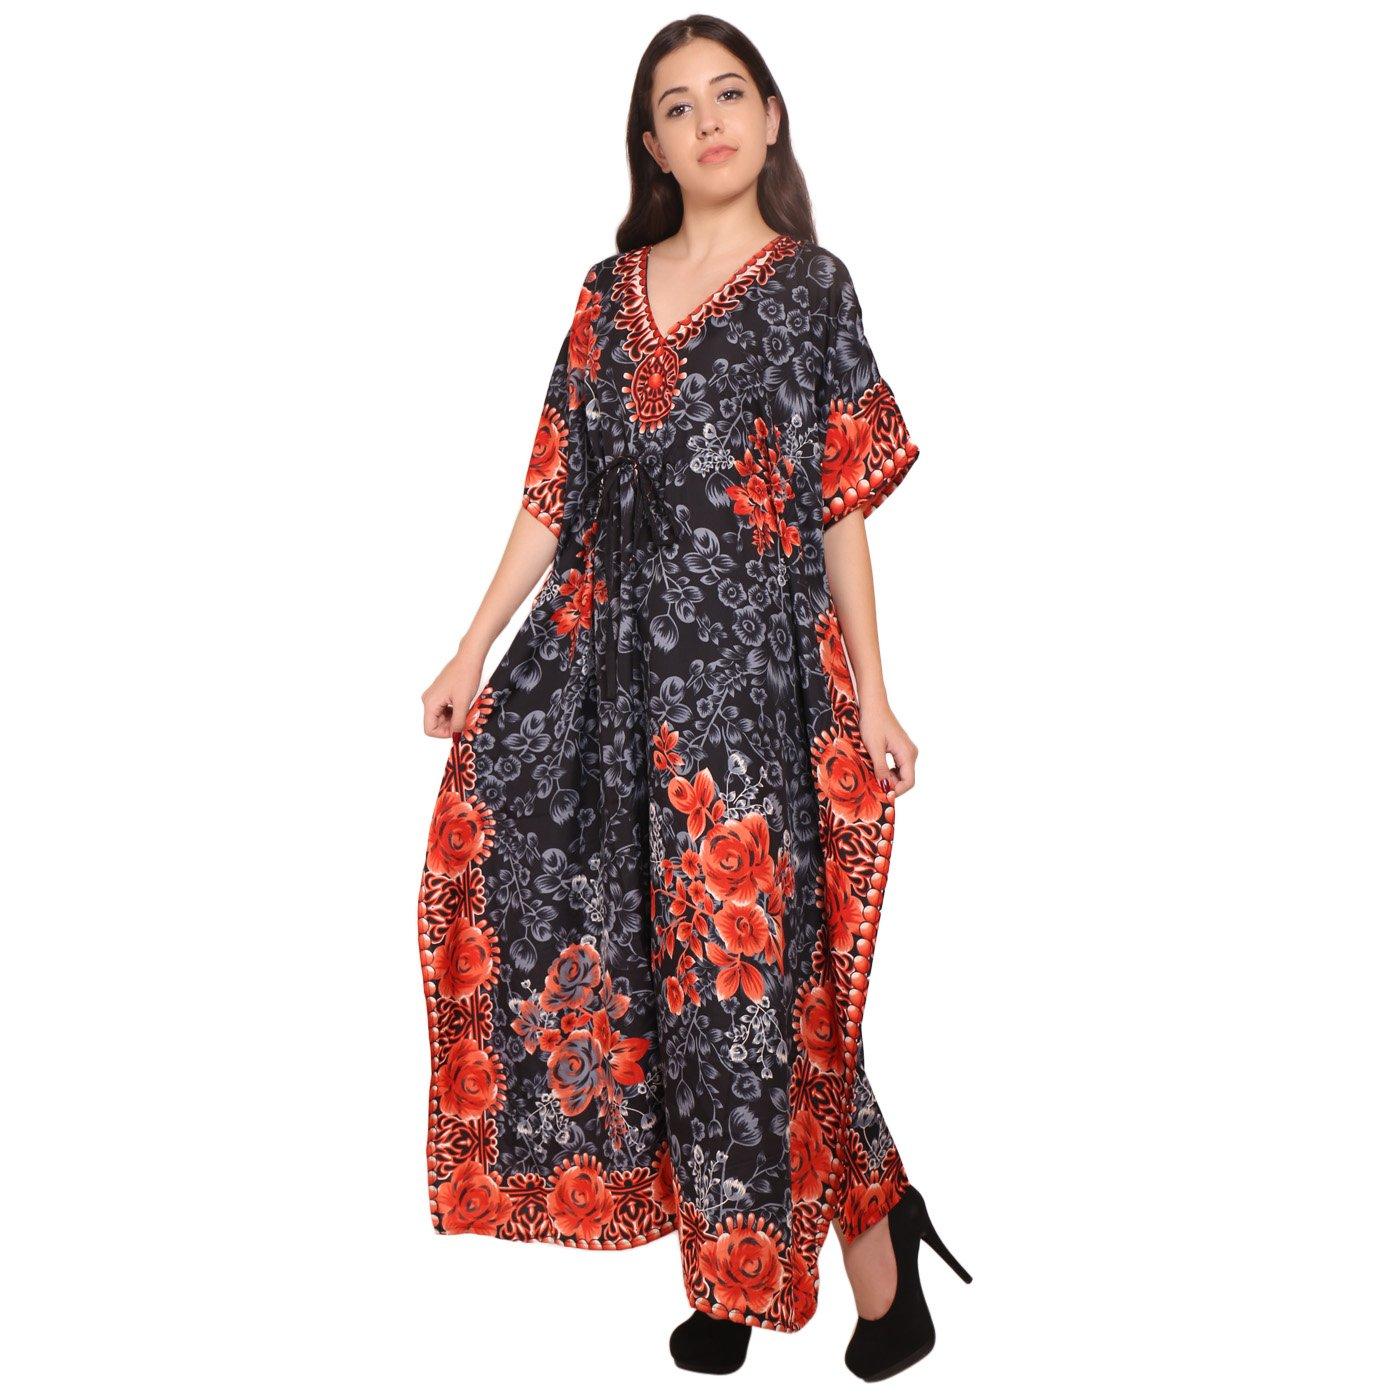 Amazon.com: Vestido de mujer estilo túnica indio para verano ...